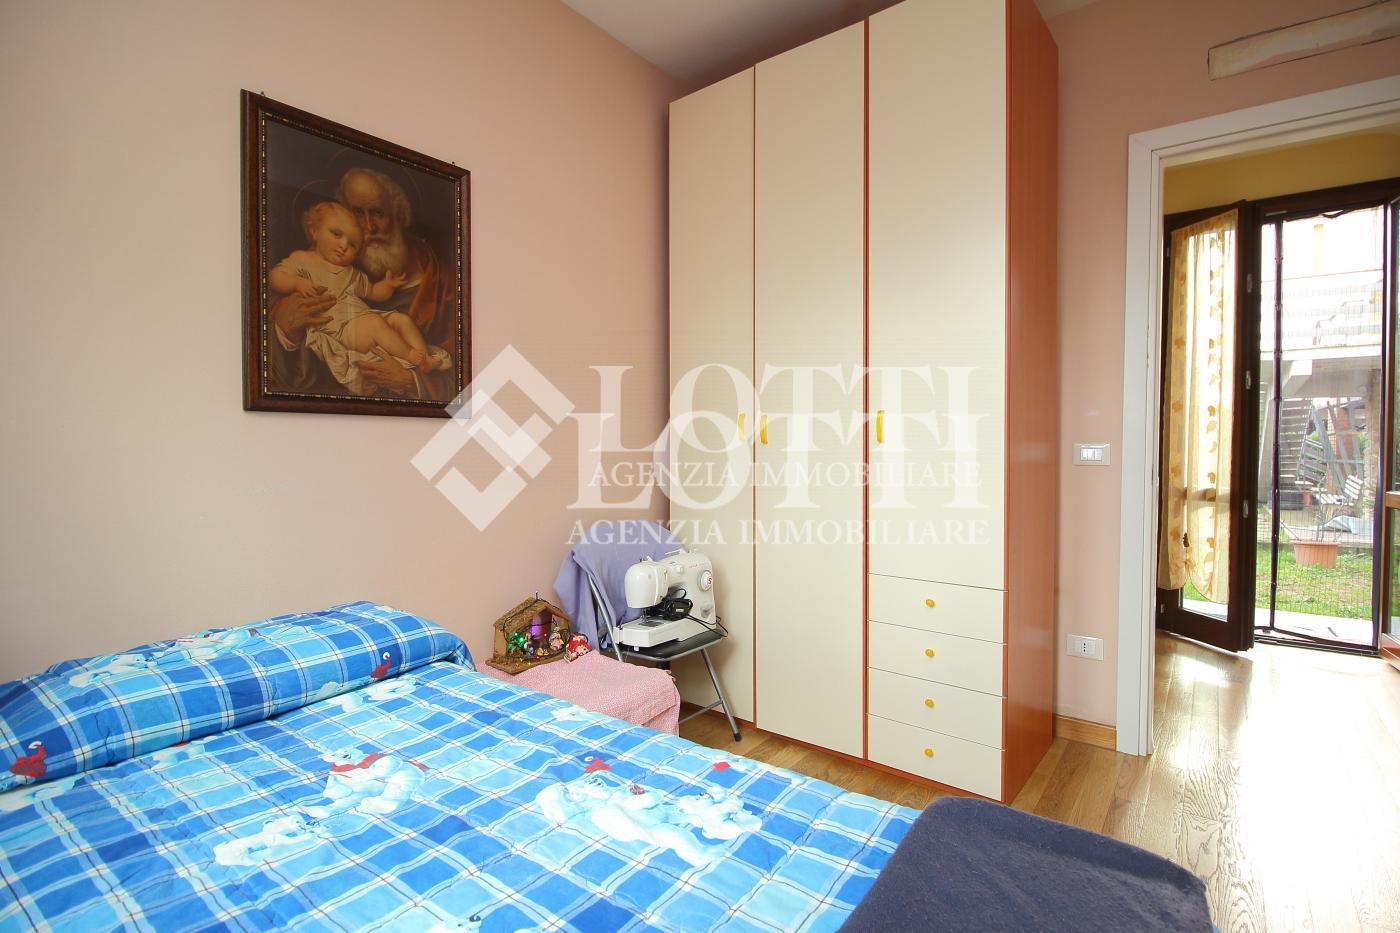 Villetta a schiera in vendita, rif. 499